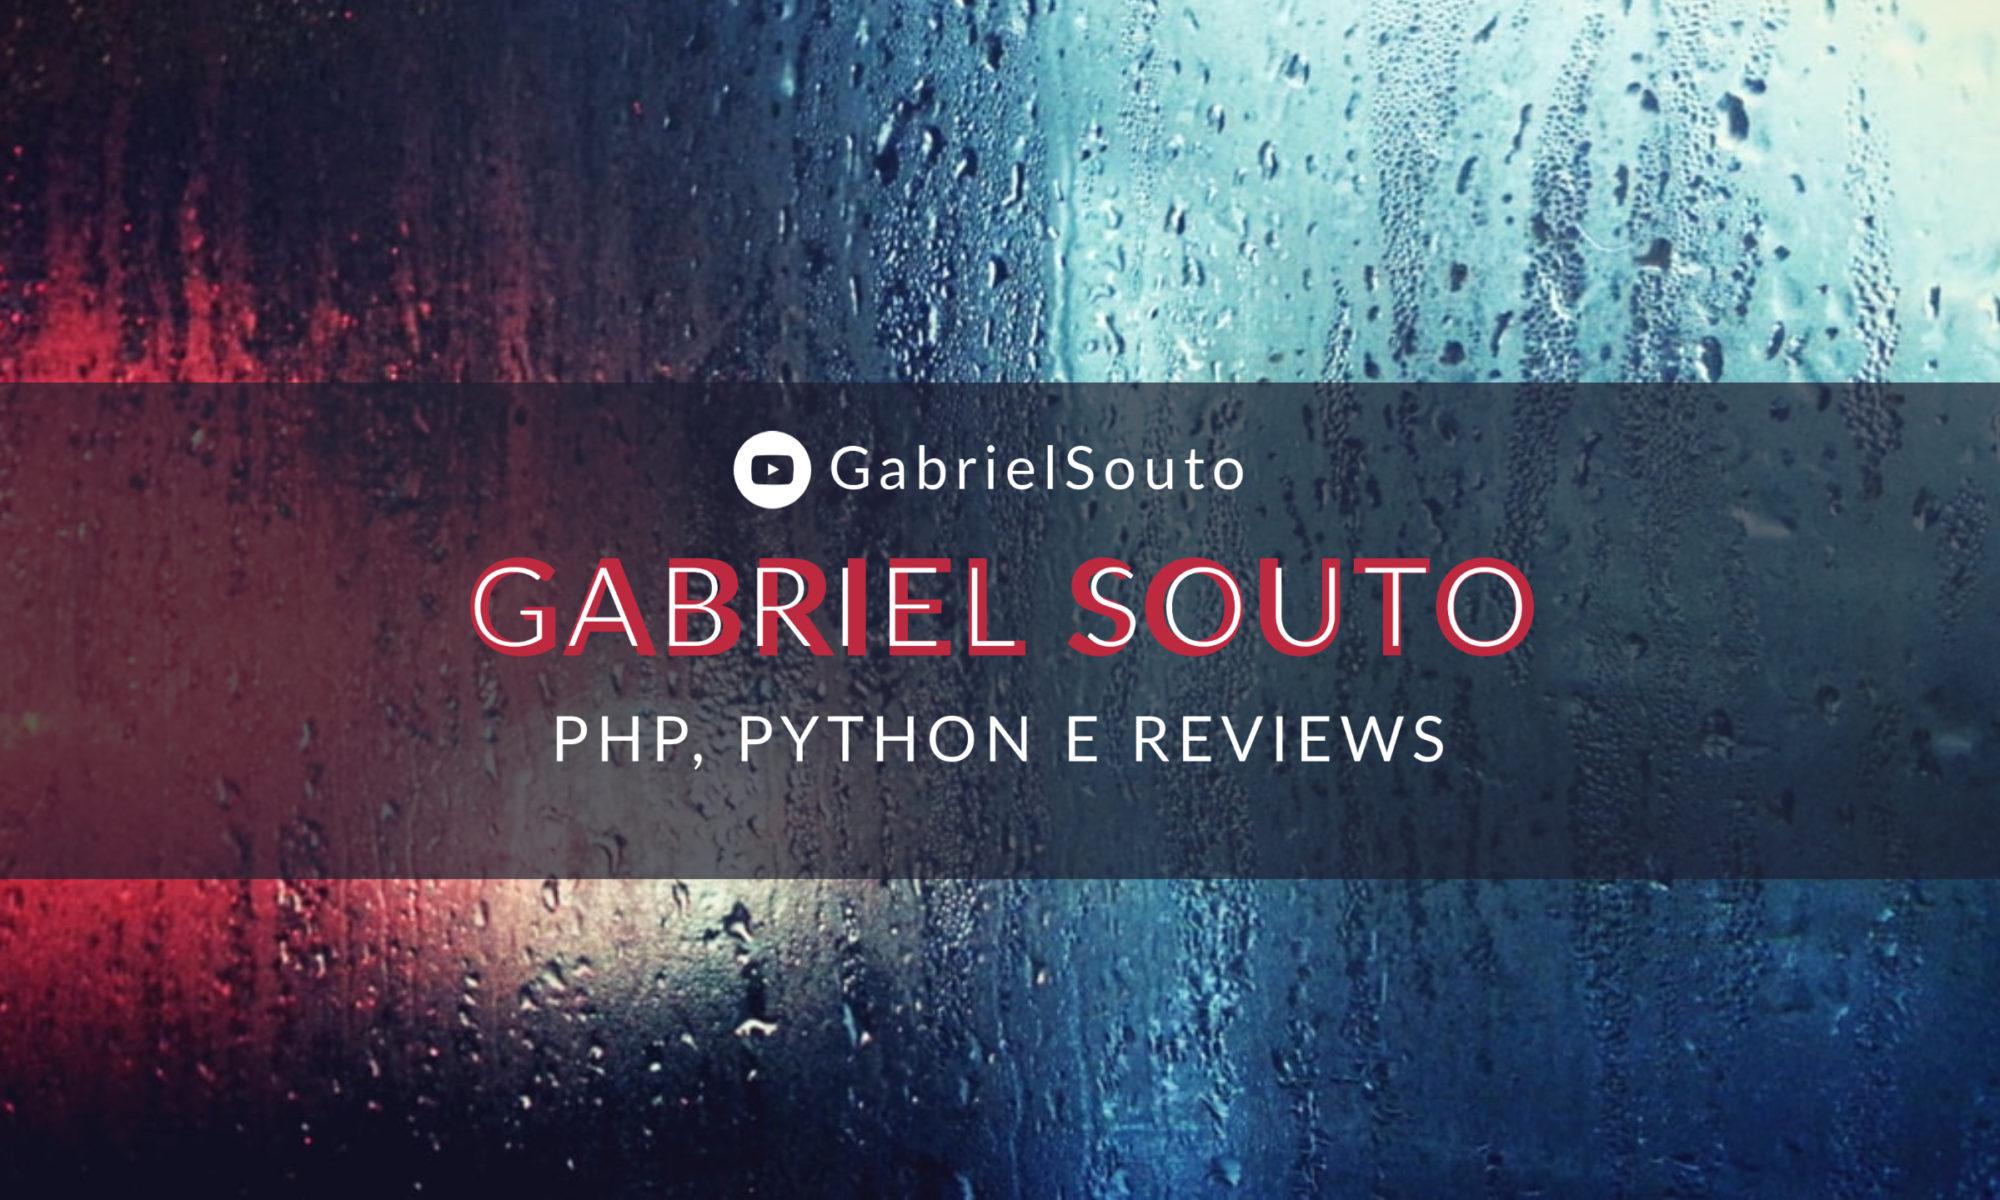 Gabriel Souto